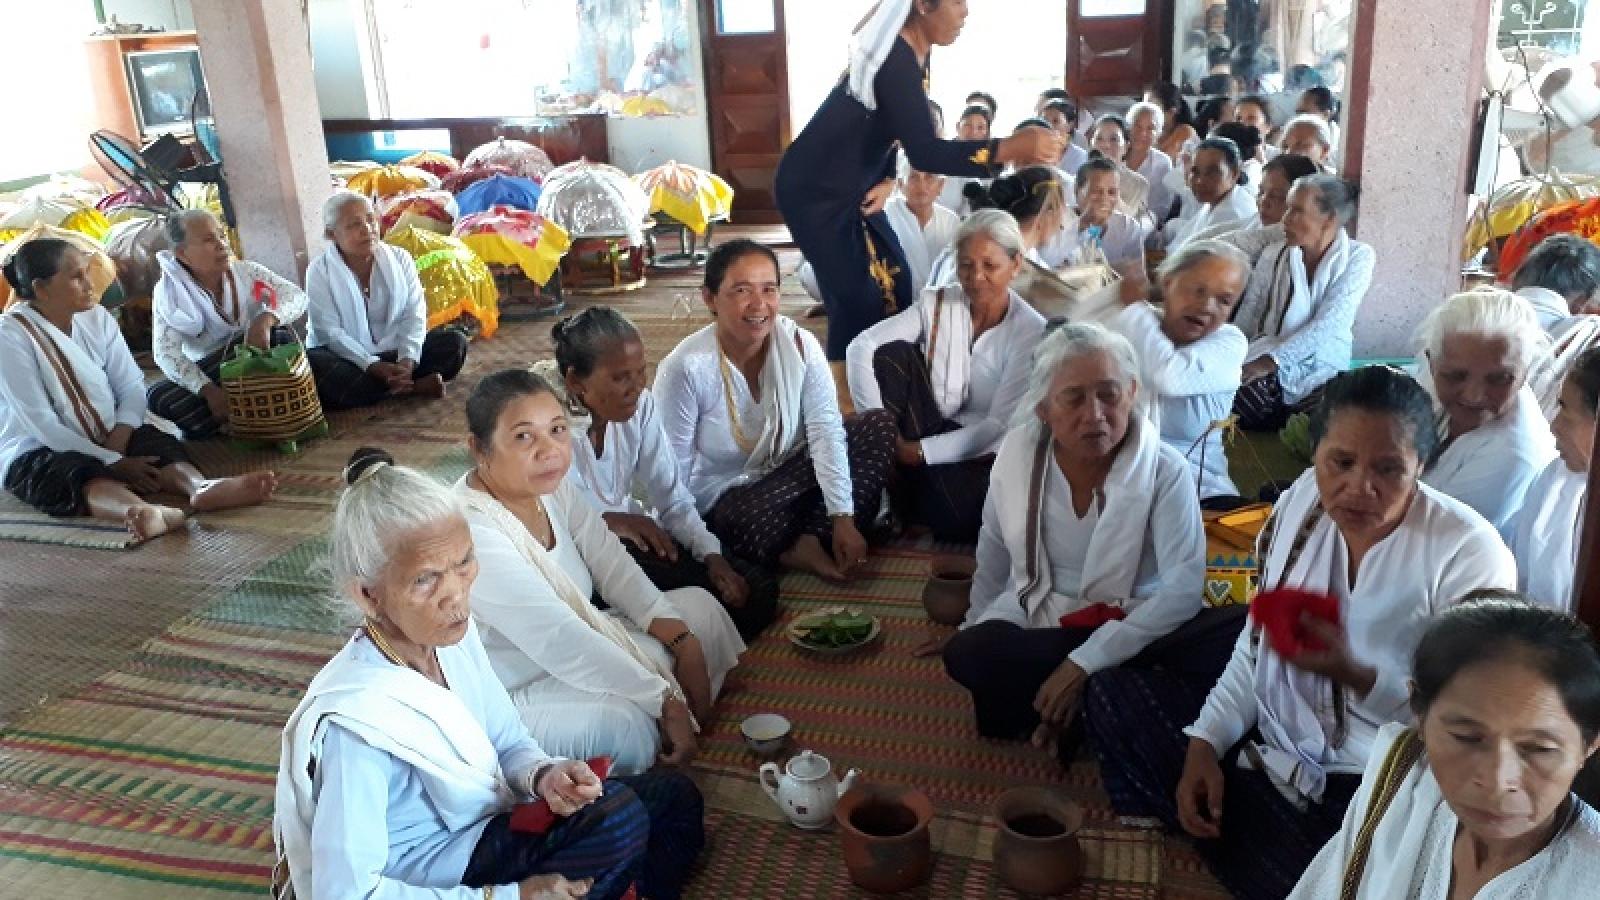 Bình Thuận cho phép mở lại các hoạt động kinh doanh dịch vụ